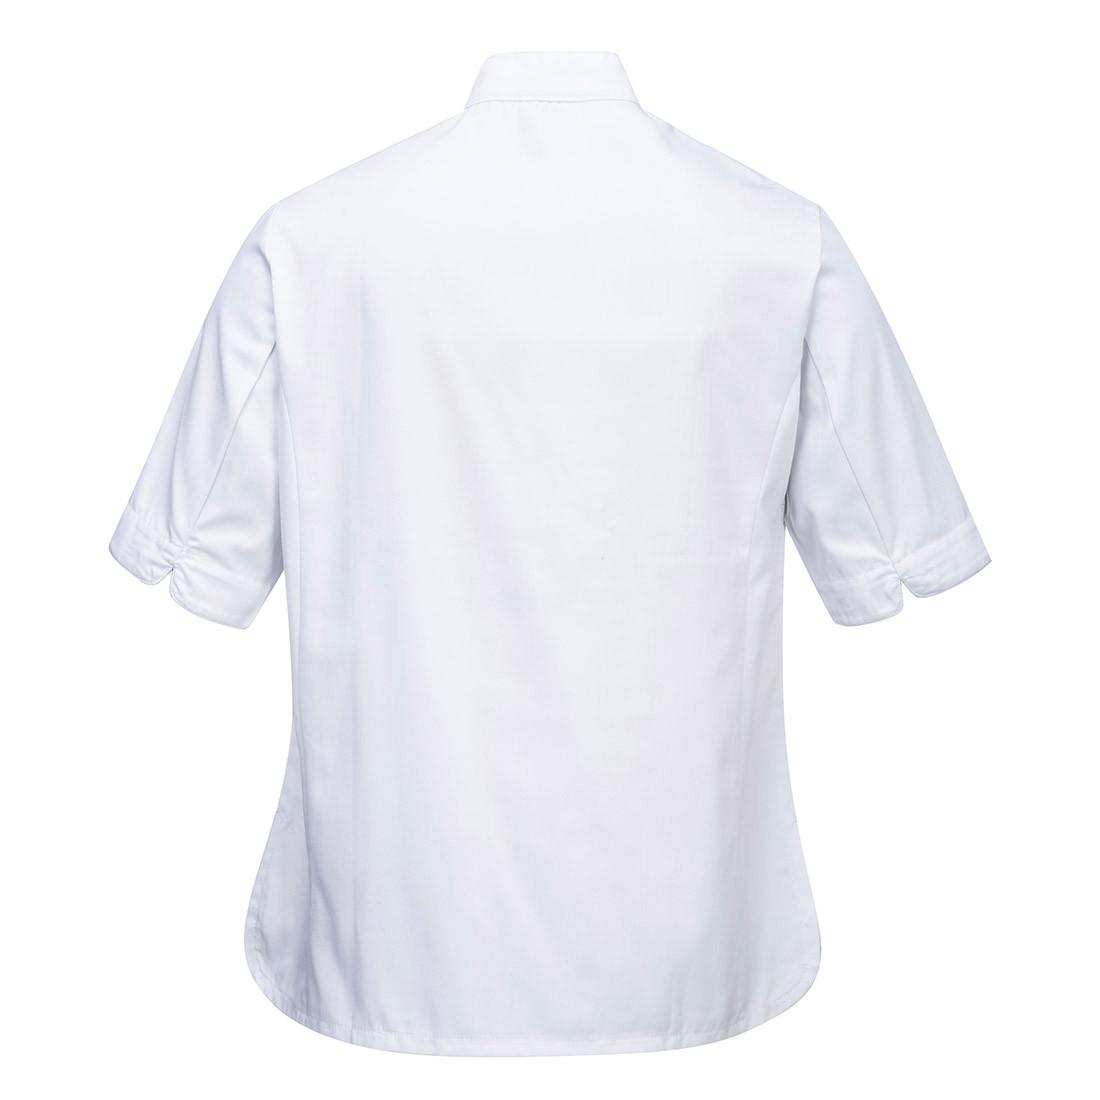 Jachete Bucatar de Dama Rachel MS - Imbracaminte de protectie